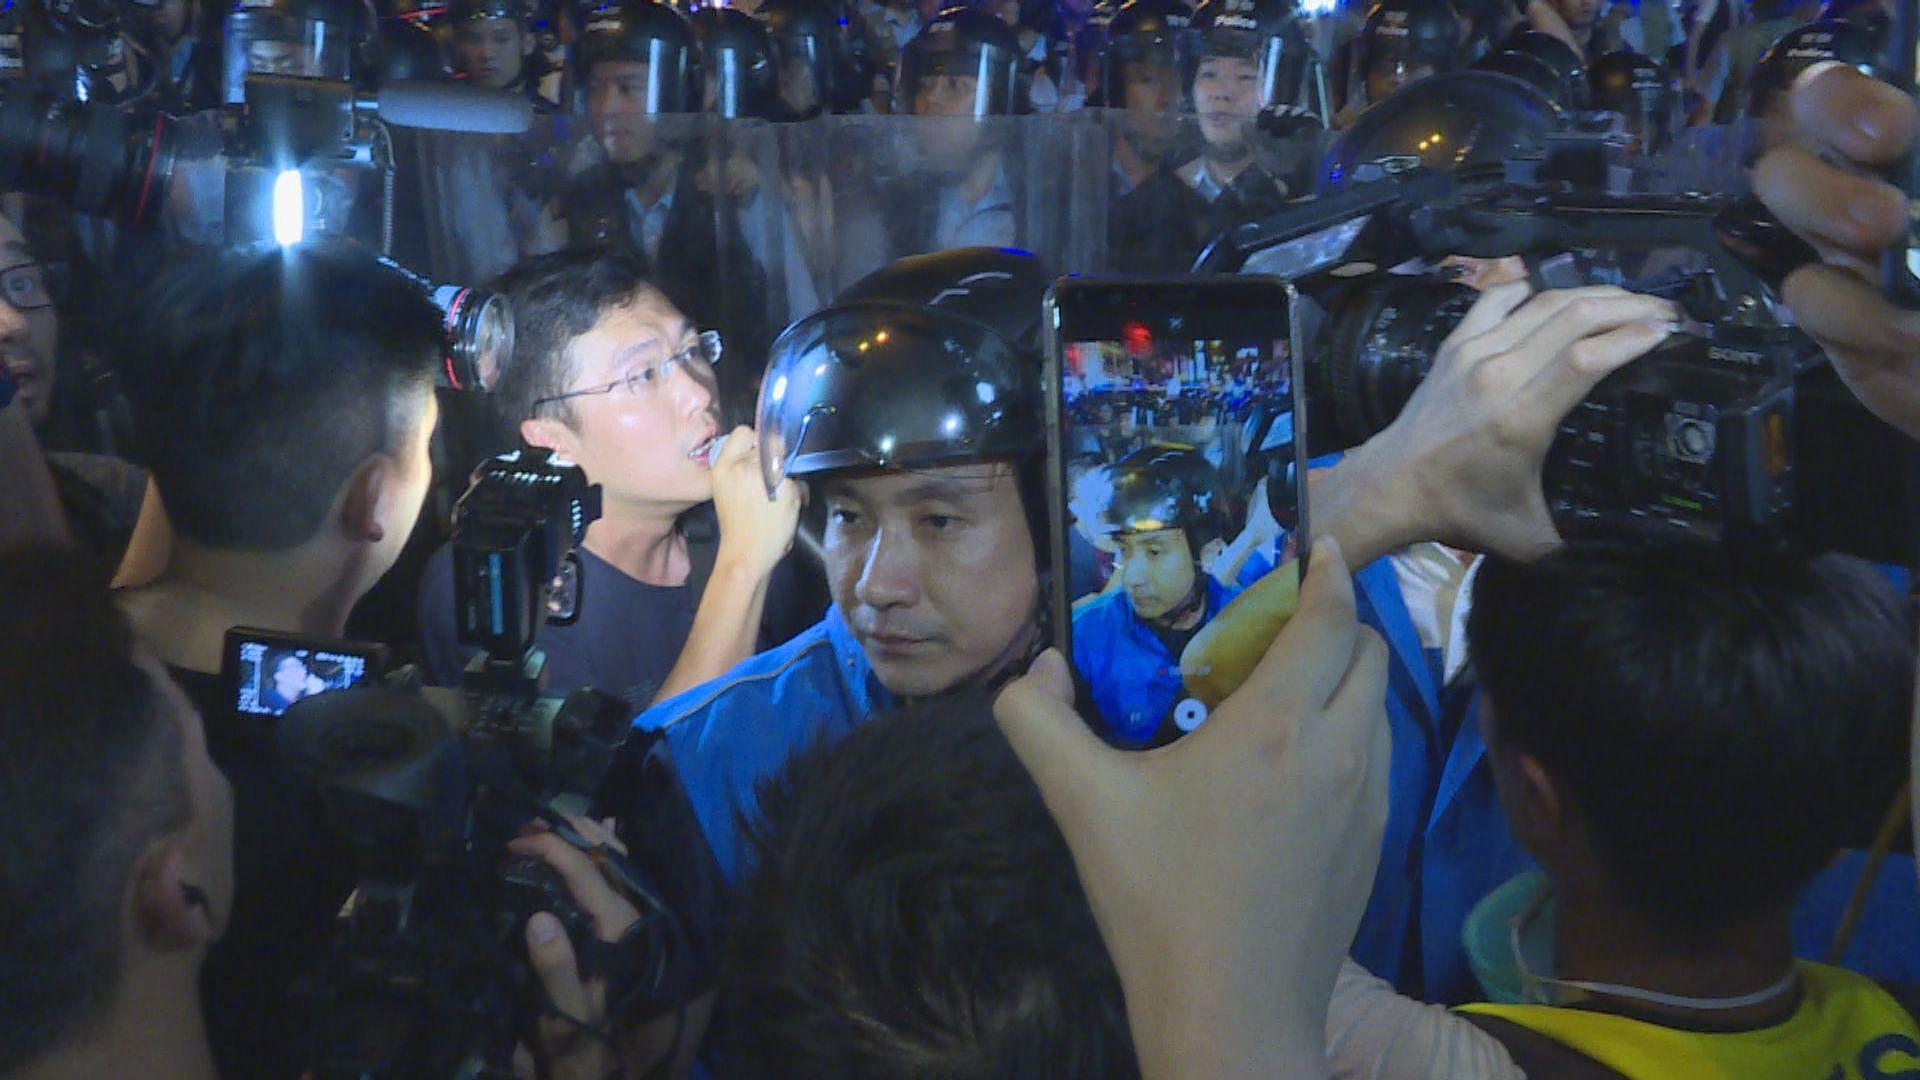 警方拘捕區諾軒 涉九龍遊行當天阻差辦公及襲警